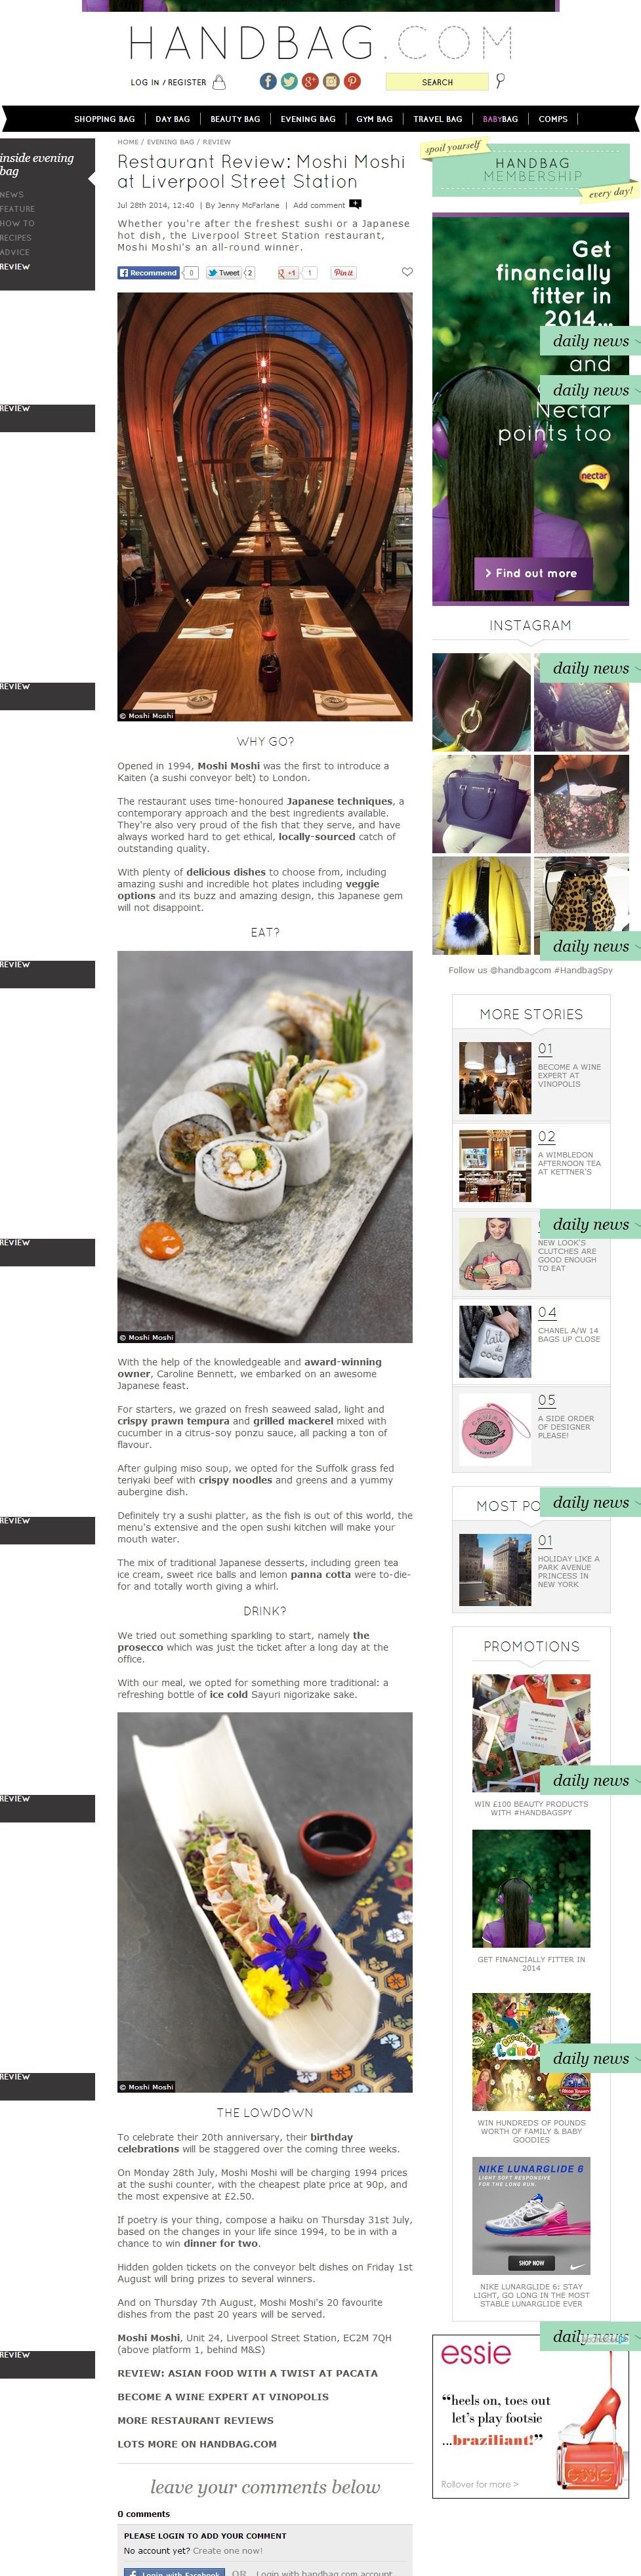 screencapture-www-handbag-com-evening-bag-review-a586772-restaurant-review-moshi-moshi-at-liverpool-street-station-html (1)